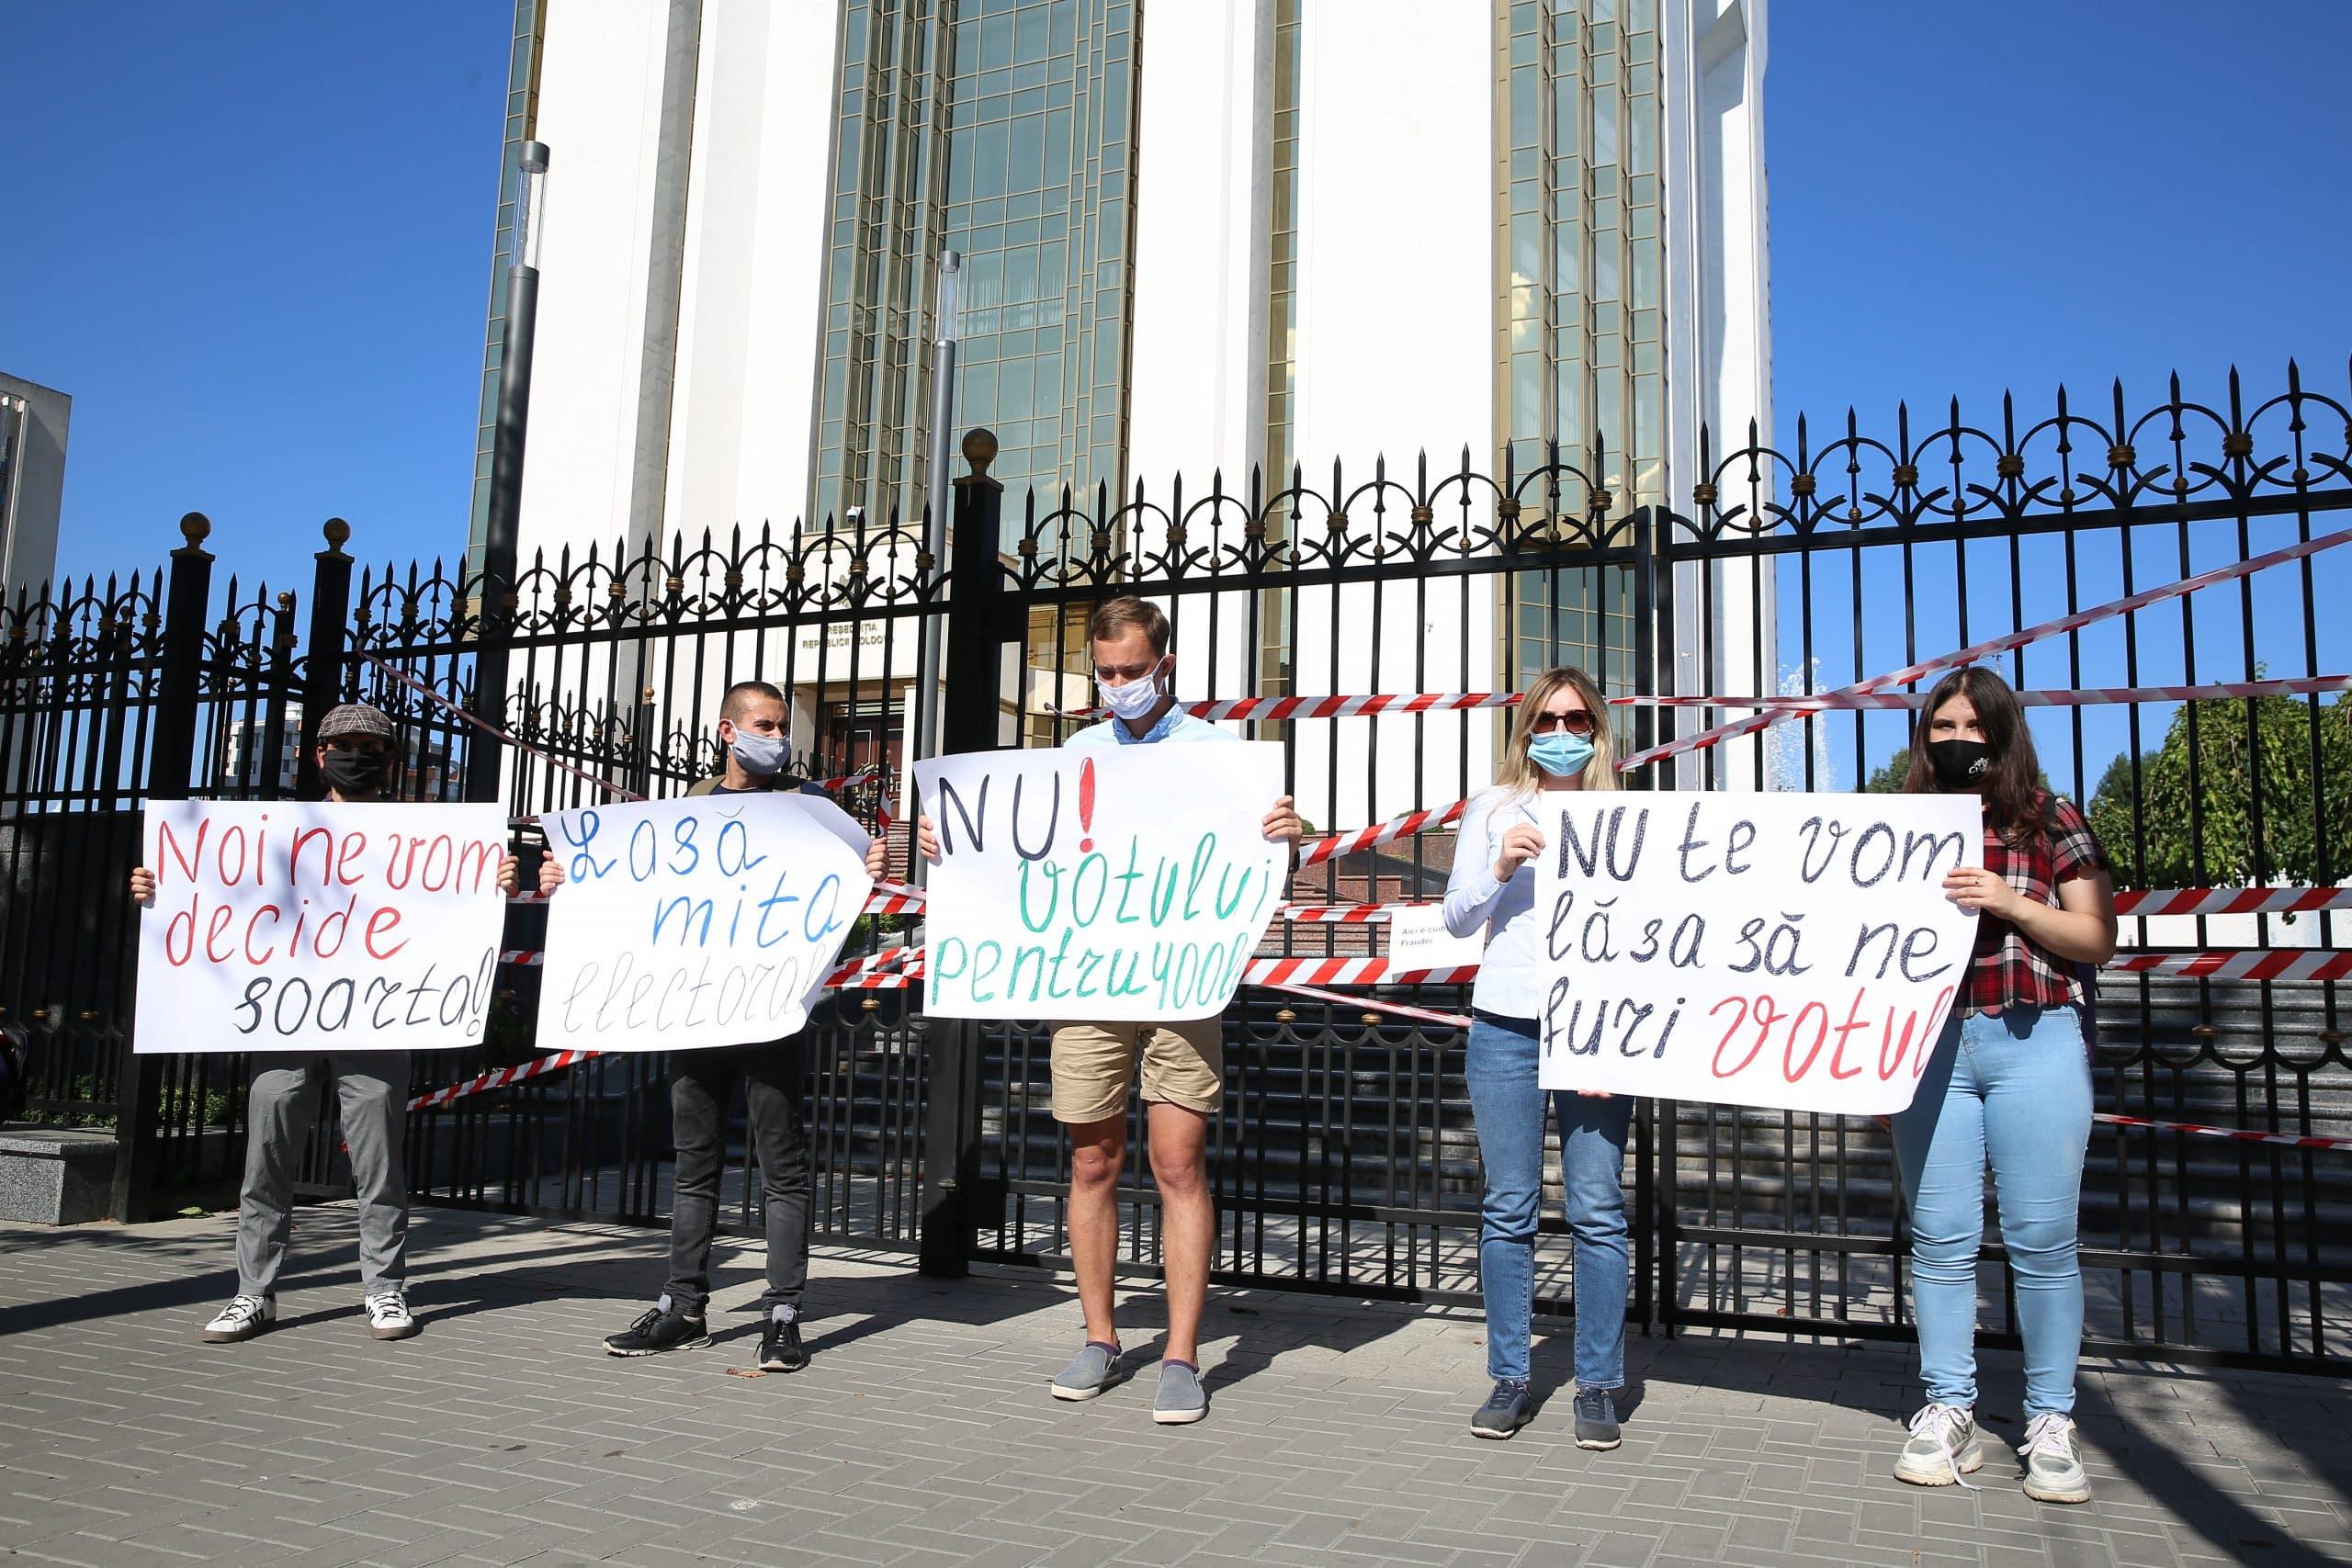 """Protest în fața Președinției R. Moldova: """"Nu te vom lăsa să ne furi votul"""""""